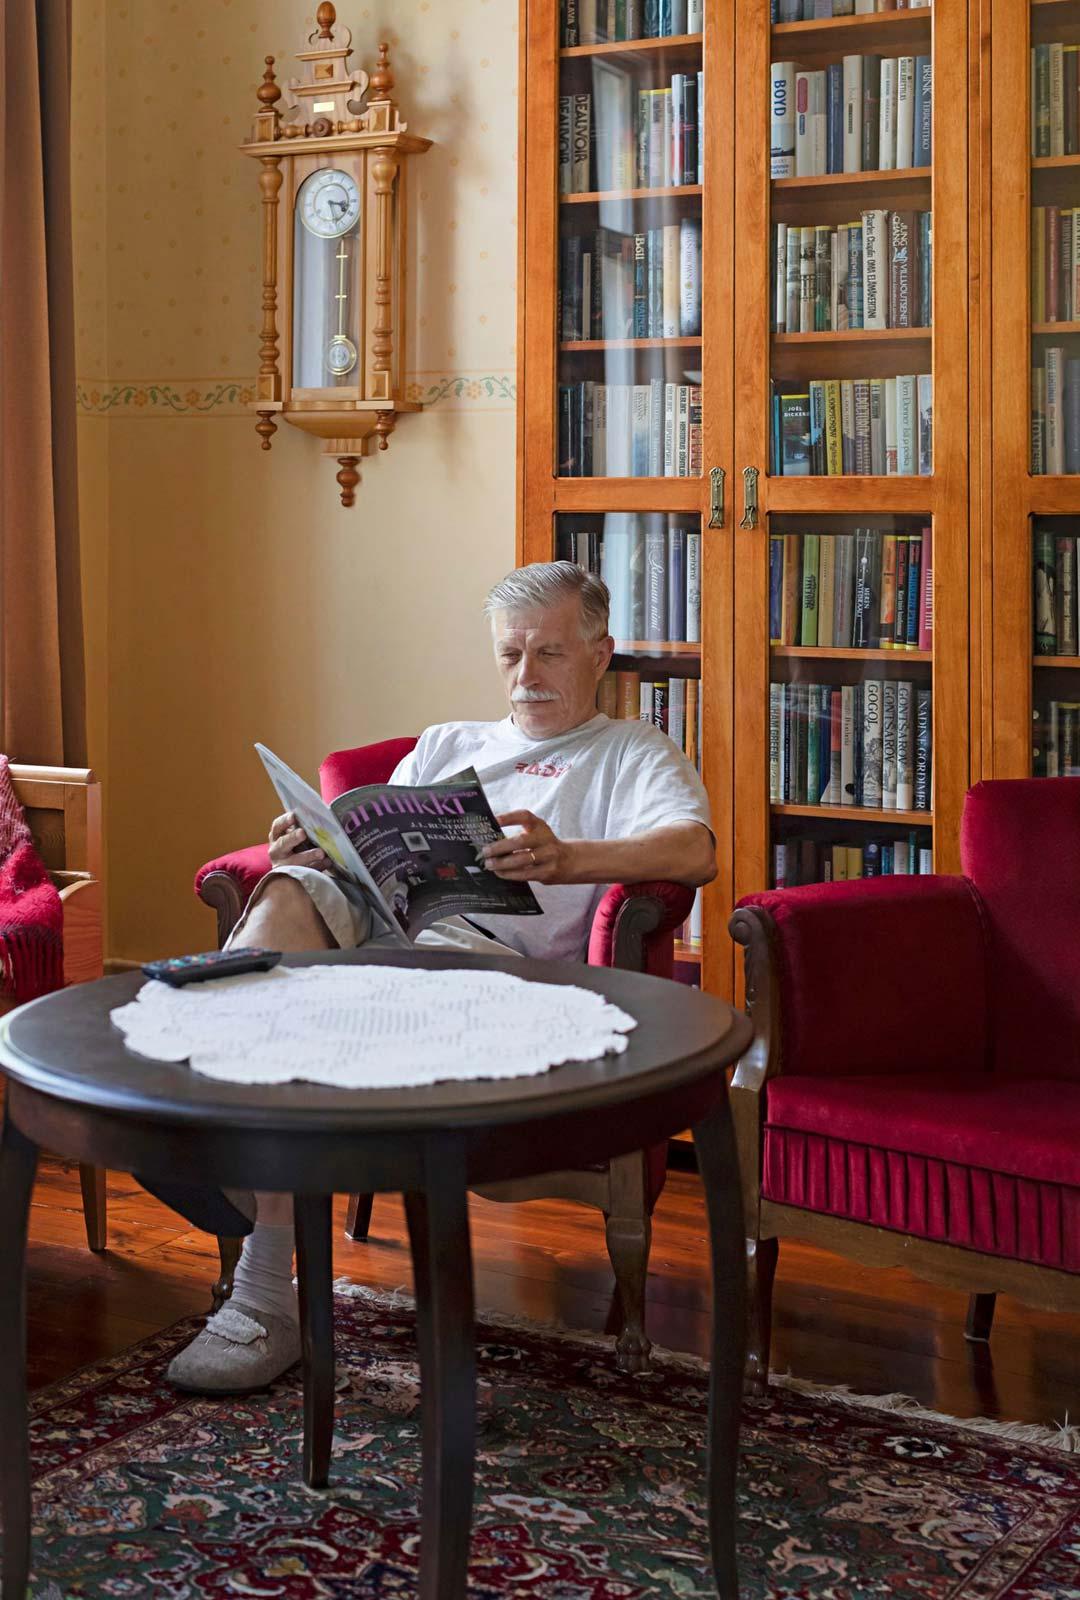 Kirjastohuone on Paavon lempipaikka.